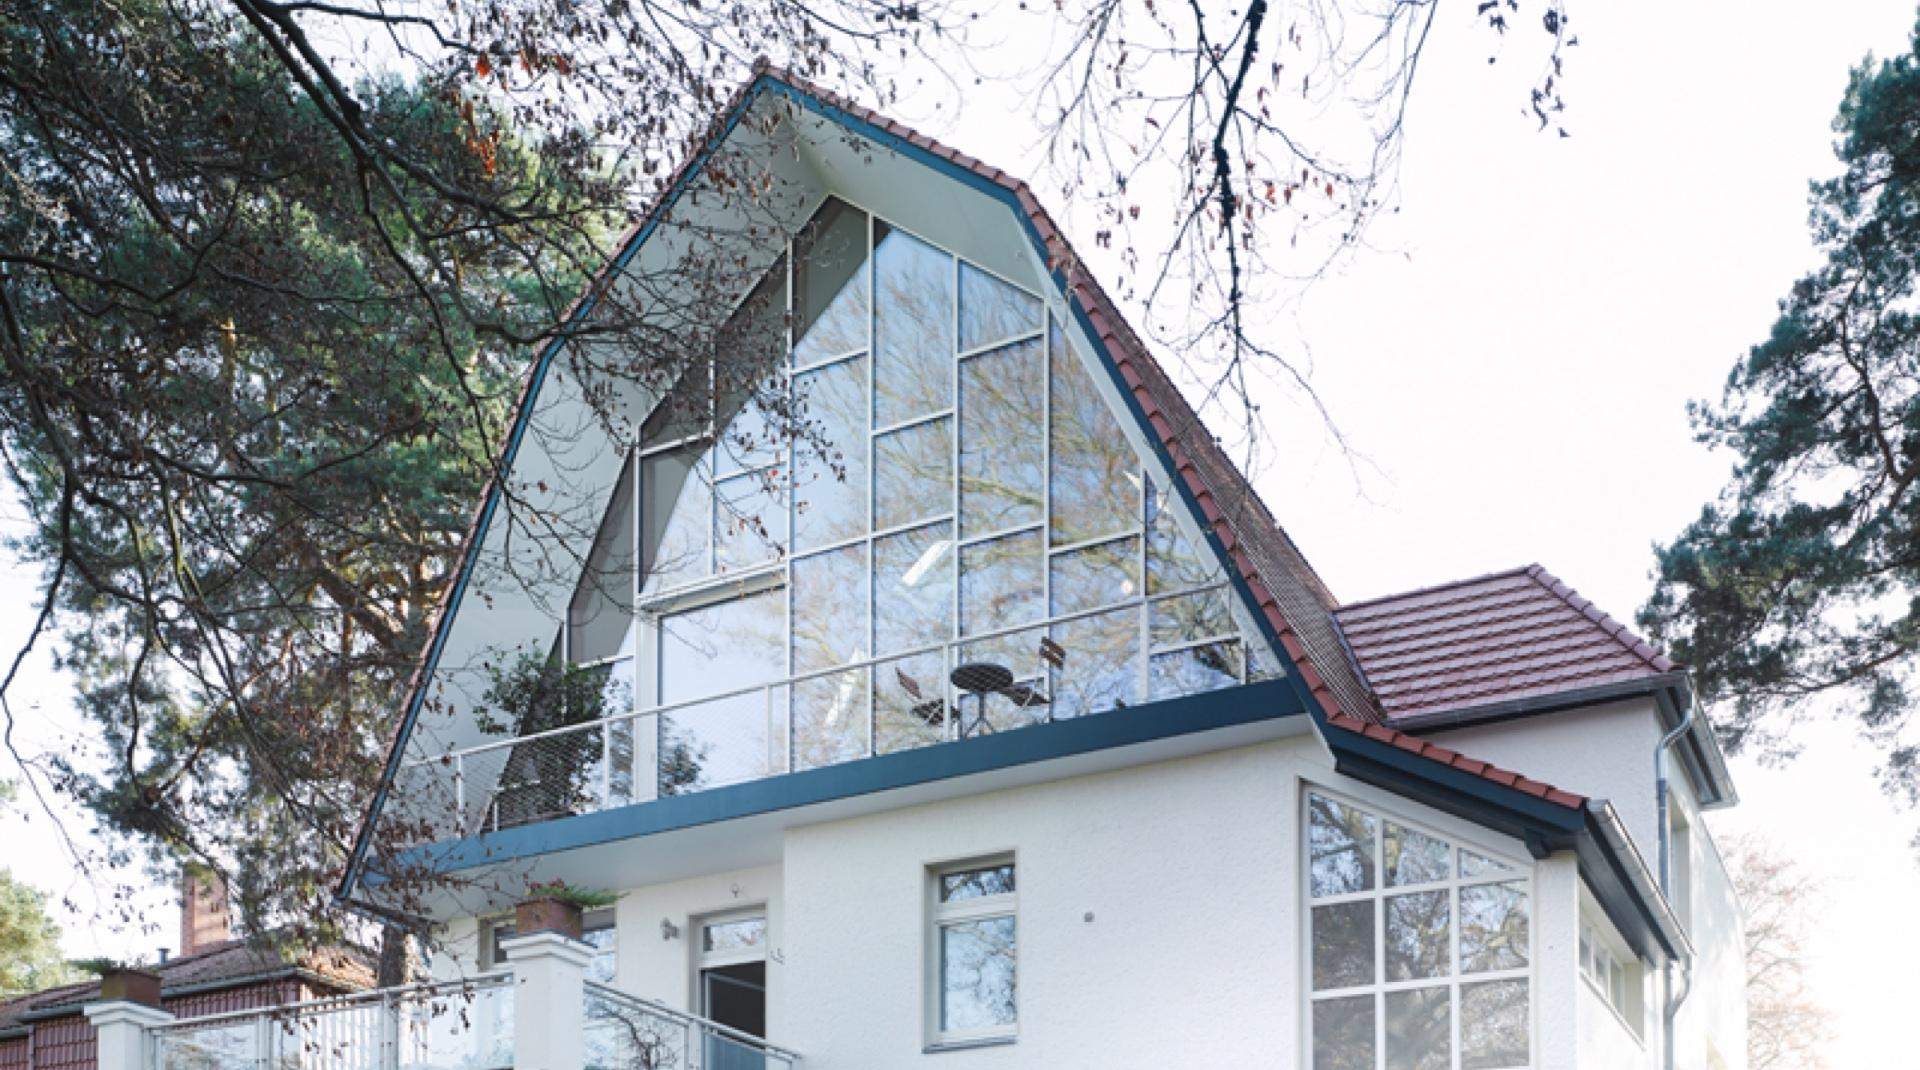 Gründerzeitvilla mit Dacherweiterung: Außenansicht vom Garten her